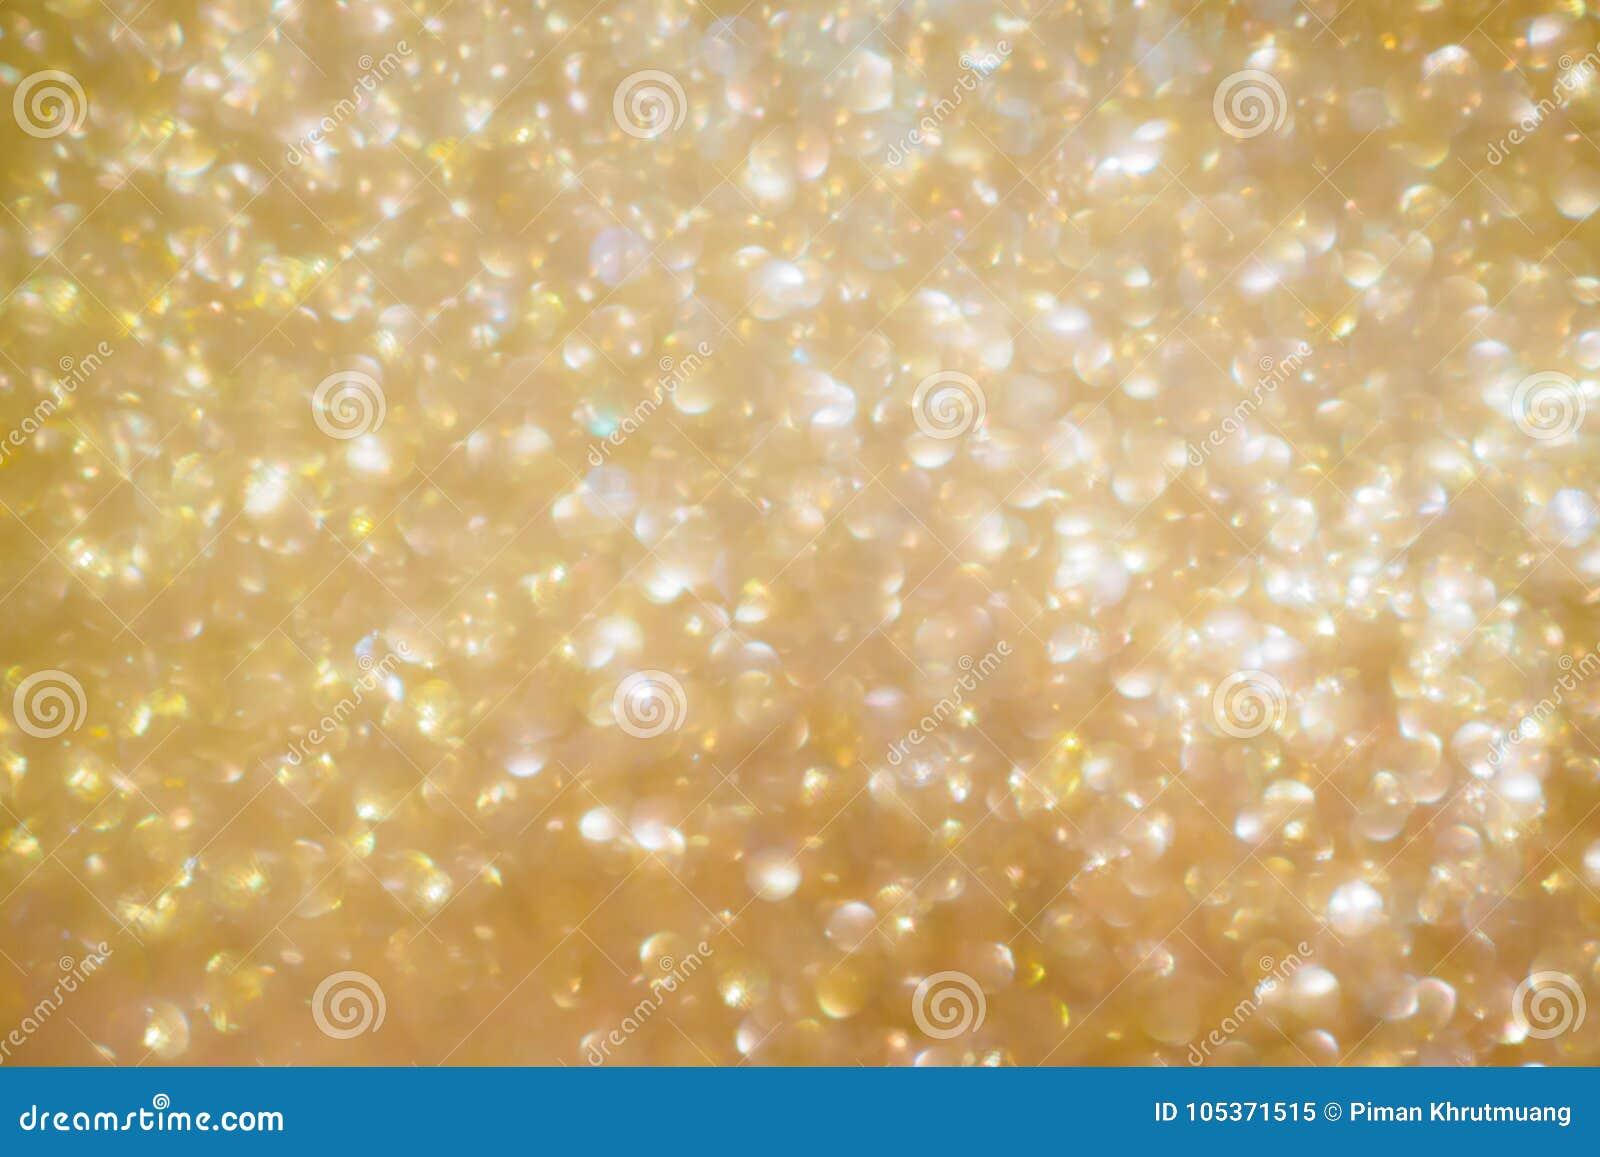 Lichte het onduidelijke beeldachtergrond van de Kerstmis gouden gloed bokeh